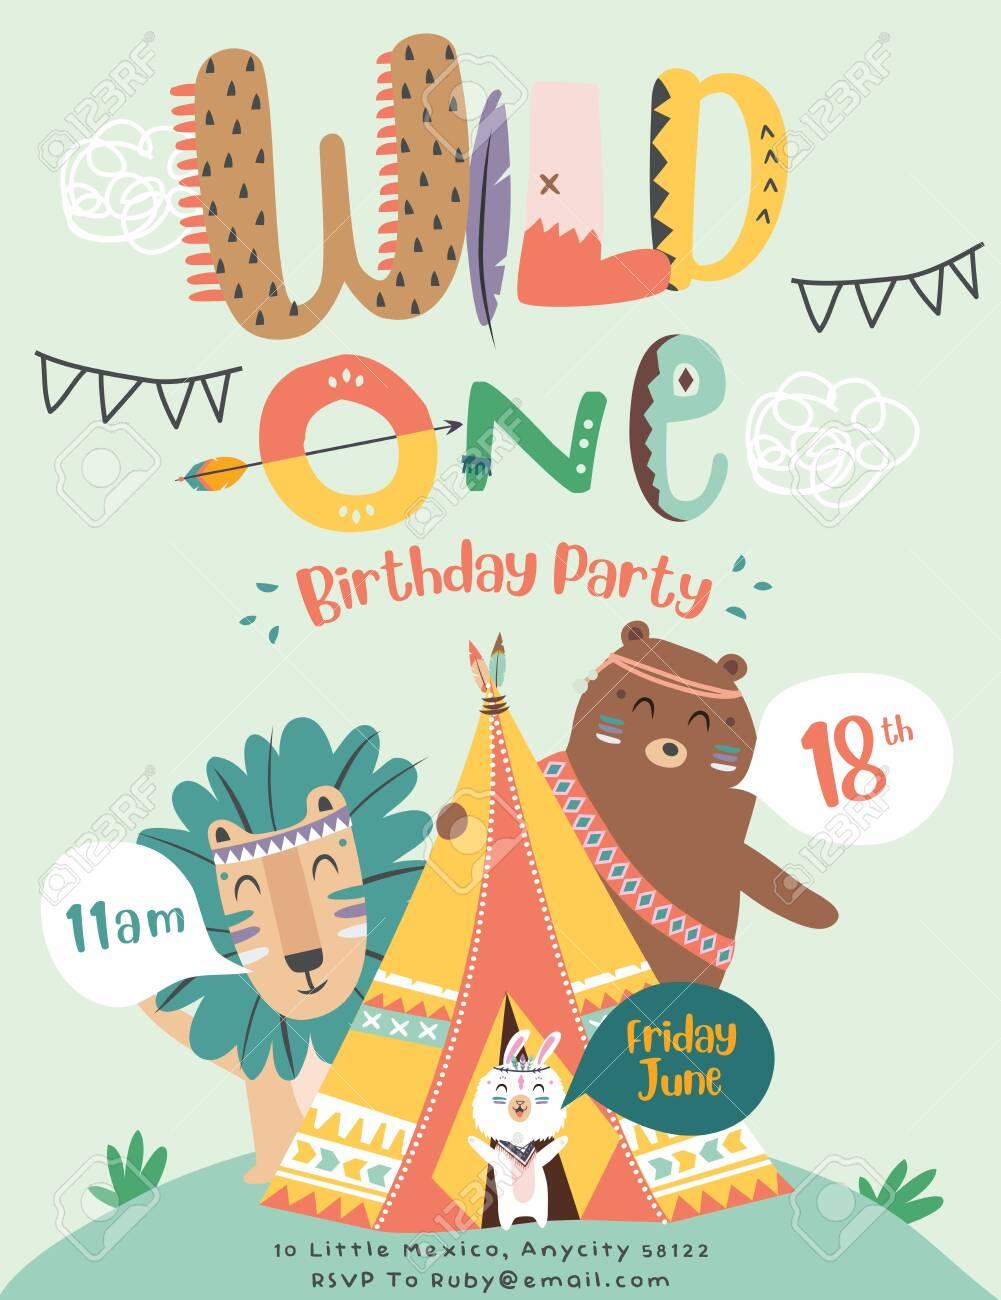 Happy Birthday Party Invitation Card With Cartoon Tribal Animals